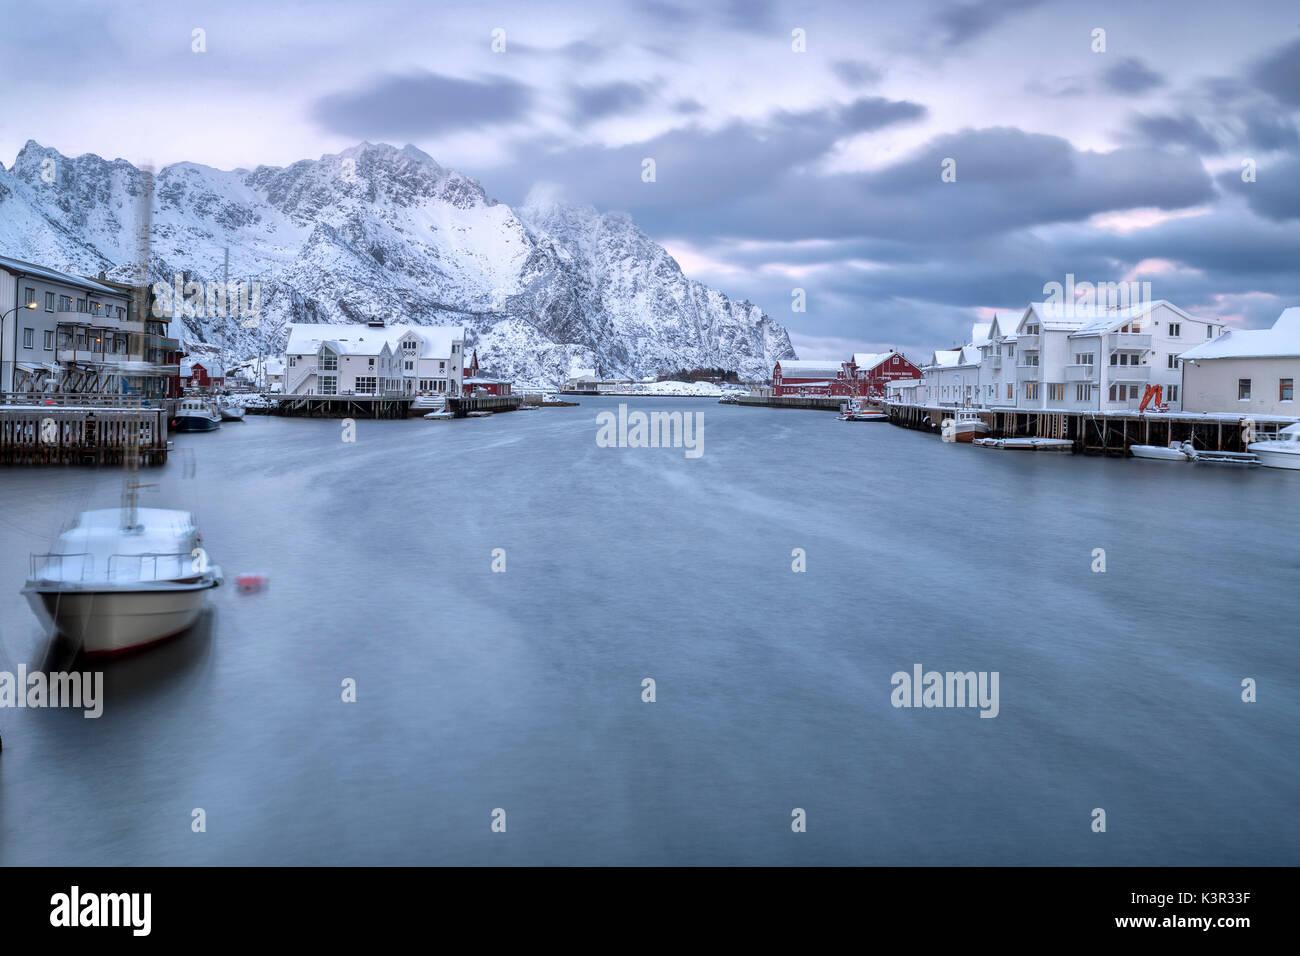 Le typique village de pêcheurs de Henningsvær entouré de montagnes enneigées et la mer froide du nord de l'Europe Norvège Iles Lofoten Photo Stock